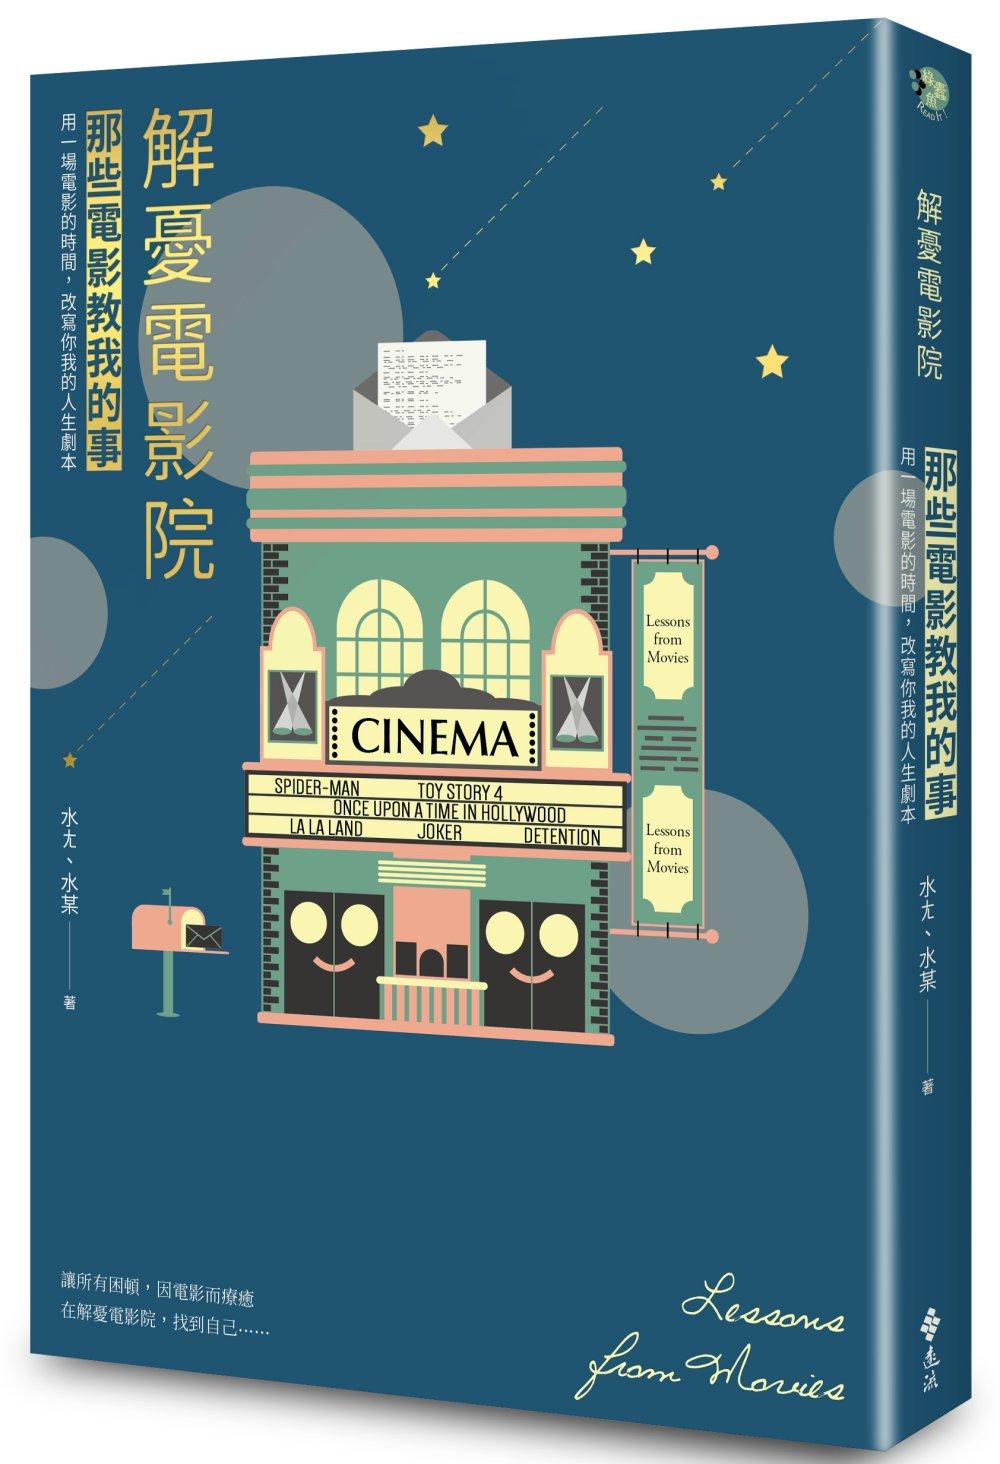 解憂電影院(獨家燙金夜光書衣版):那些電影教我的事2019最新力作!